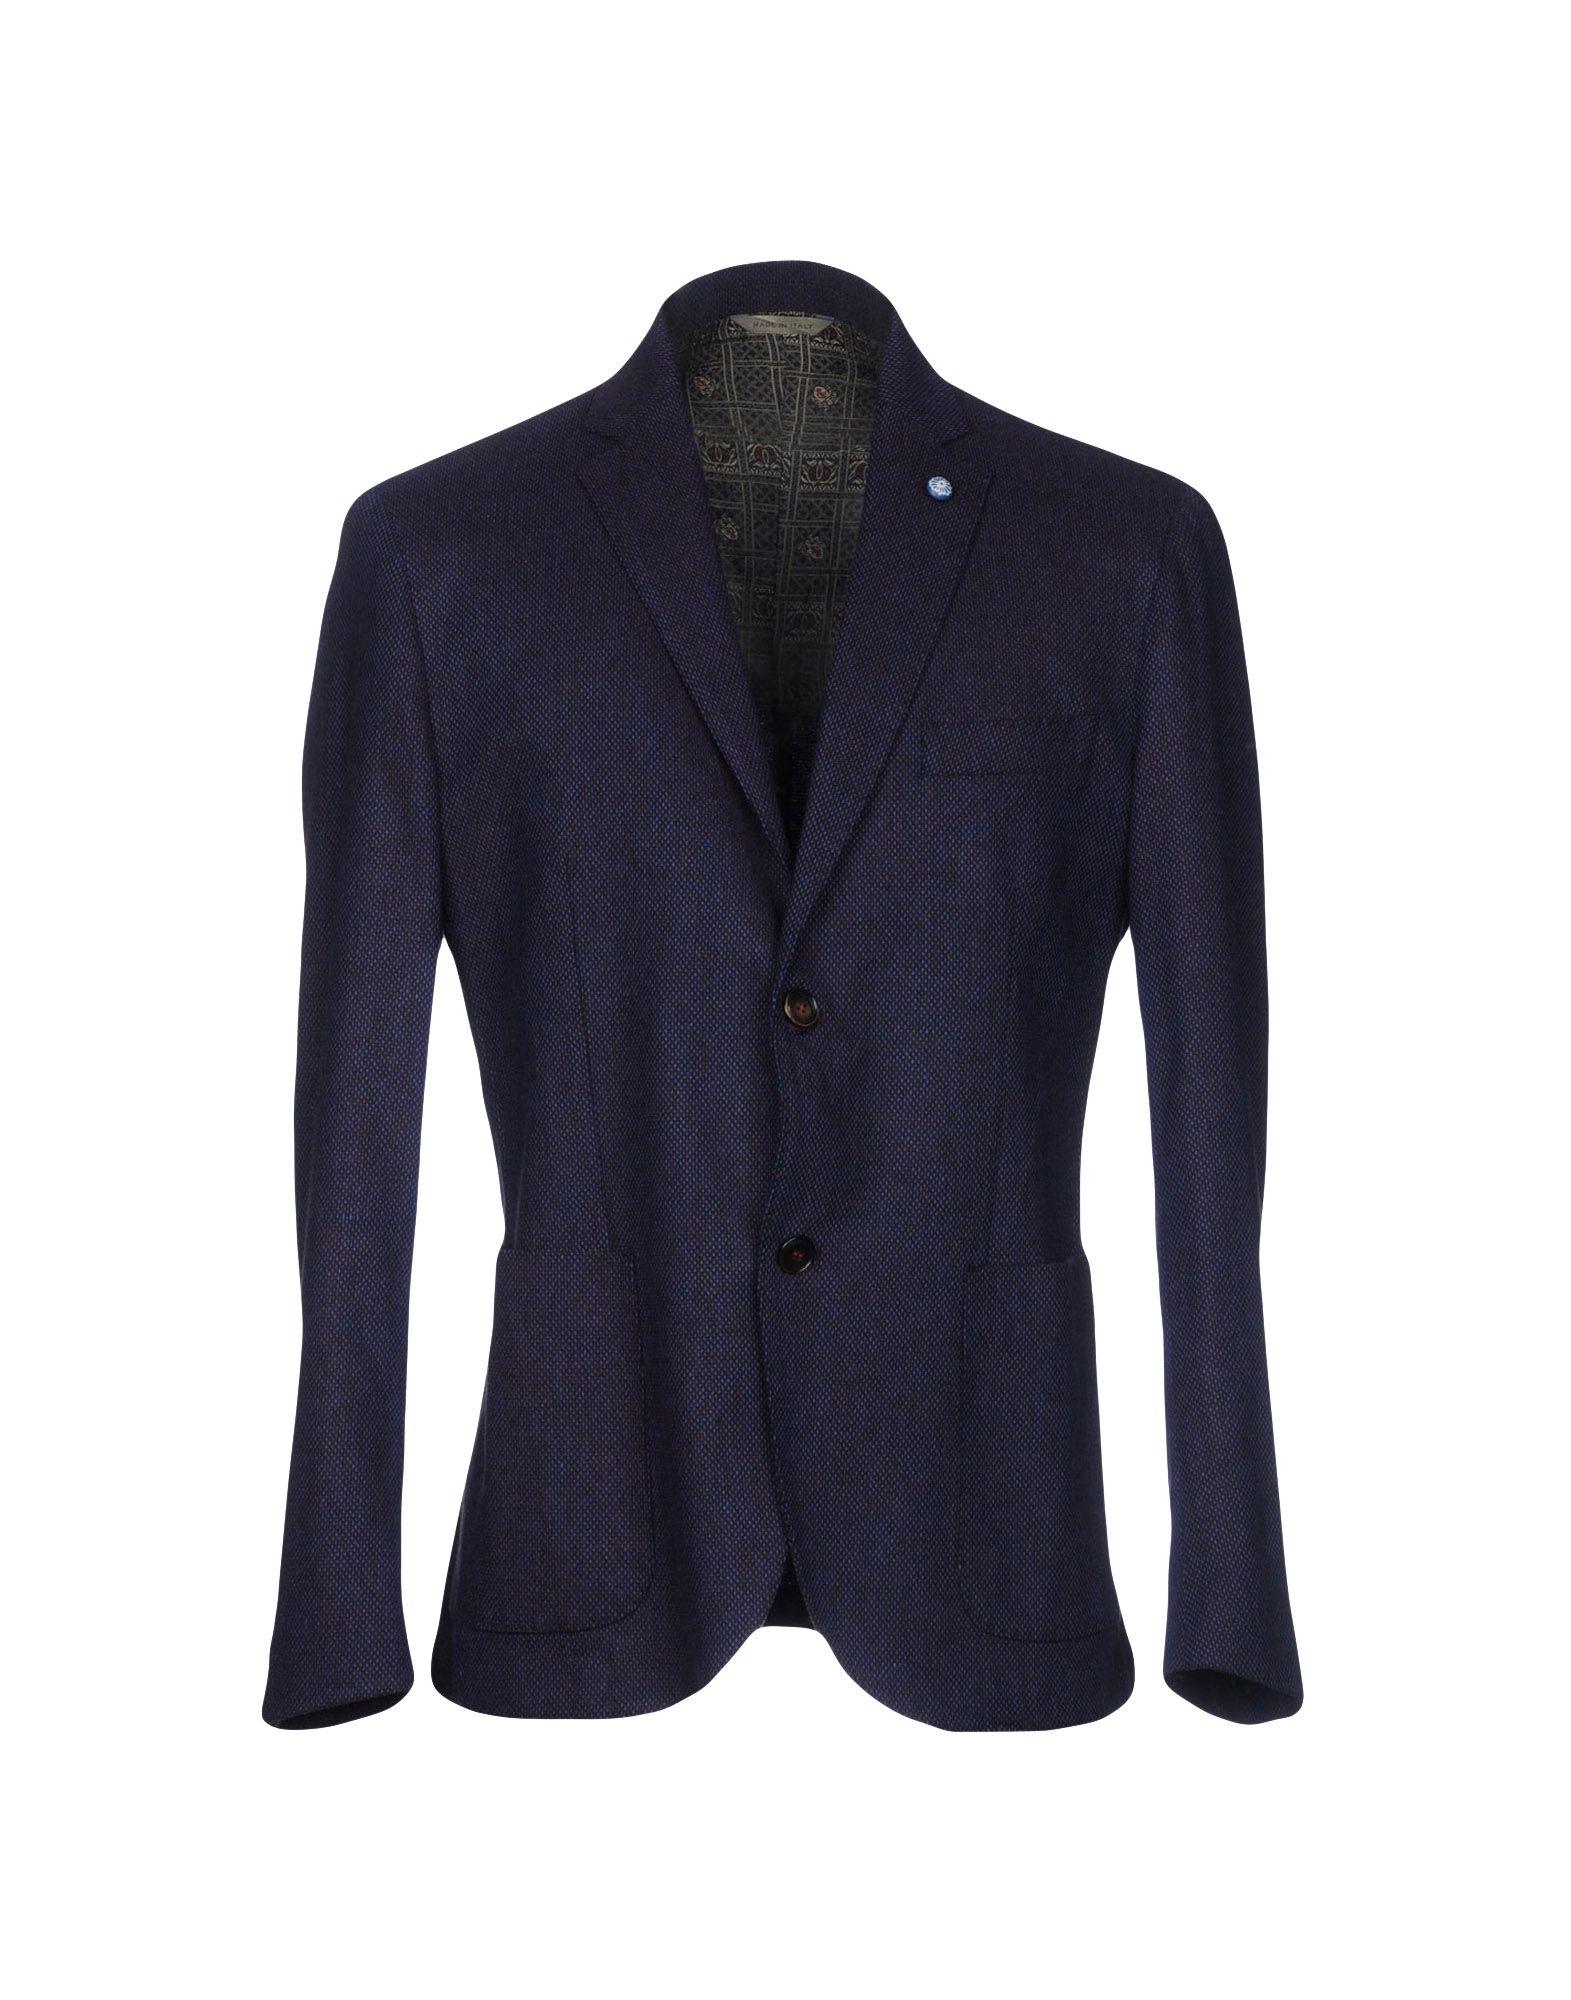 《送料無料》ALESSANDRO GILLES メンズ テーラードジャケット モーブ 50 ウール 53% / レーヨン 34% / ナイロン 13%